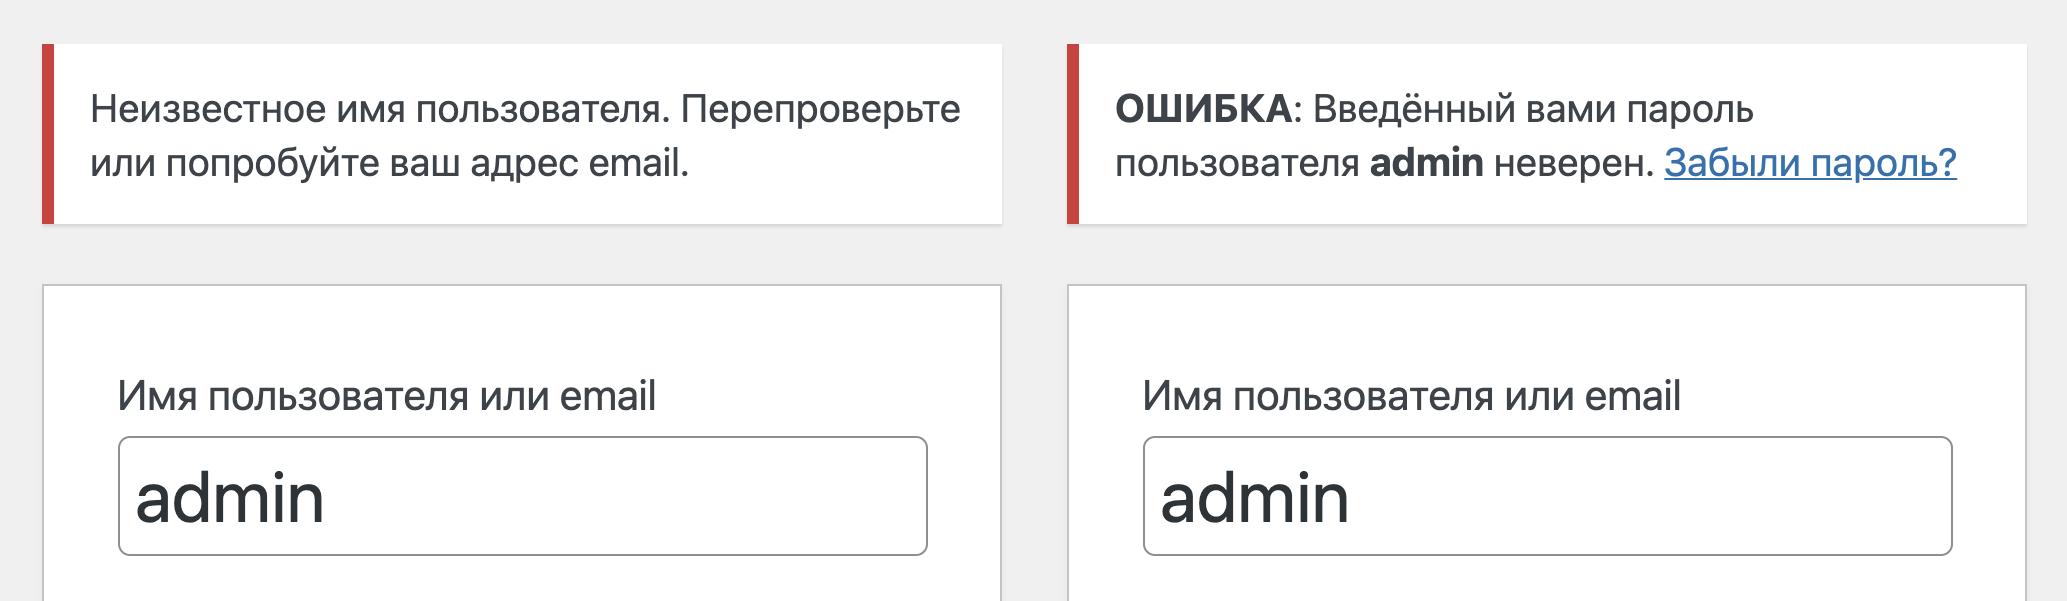 ошибки при входе на сайт